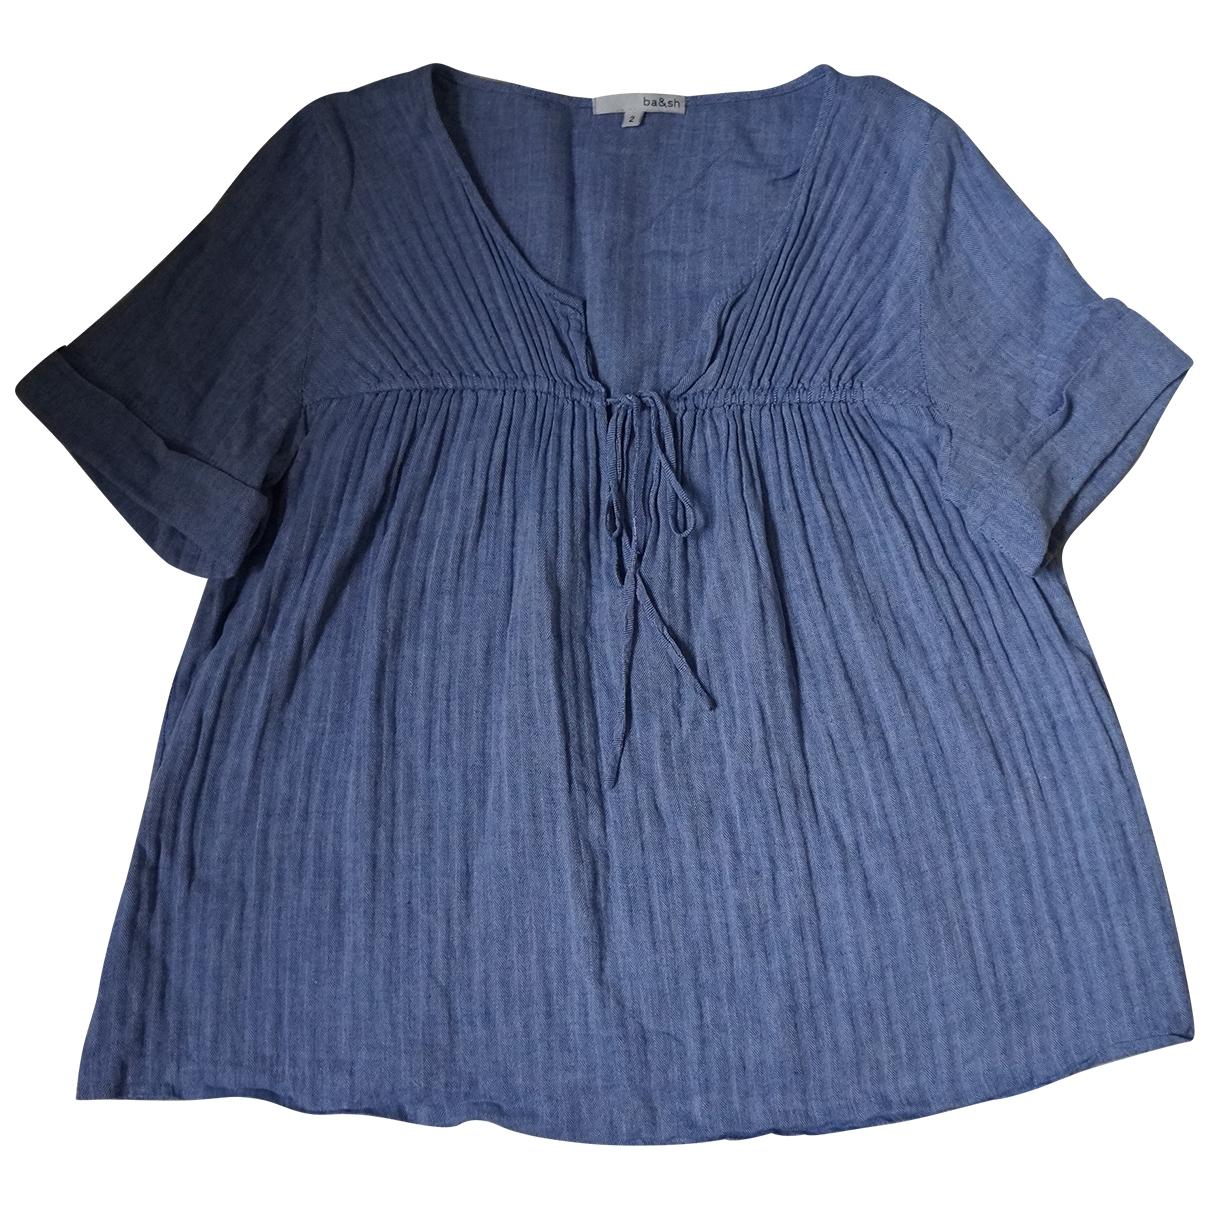 Ba&sh - Top   pour femme en coton - bleu